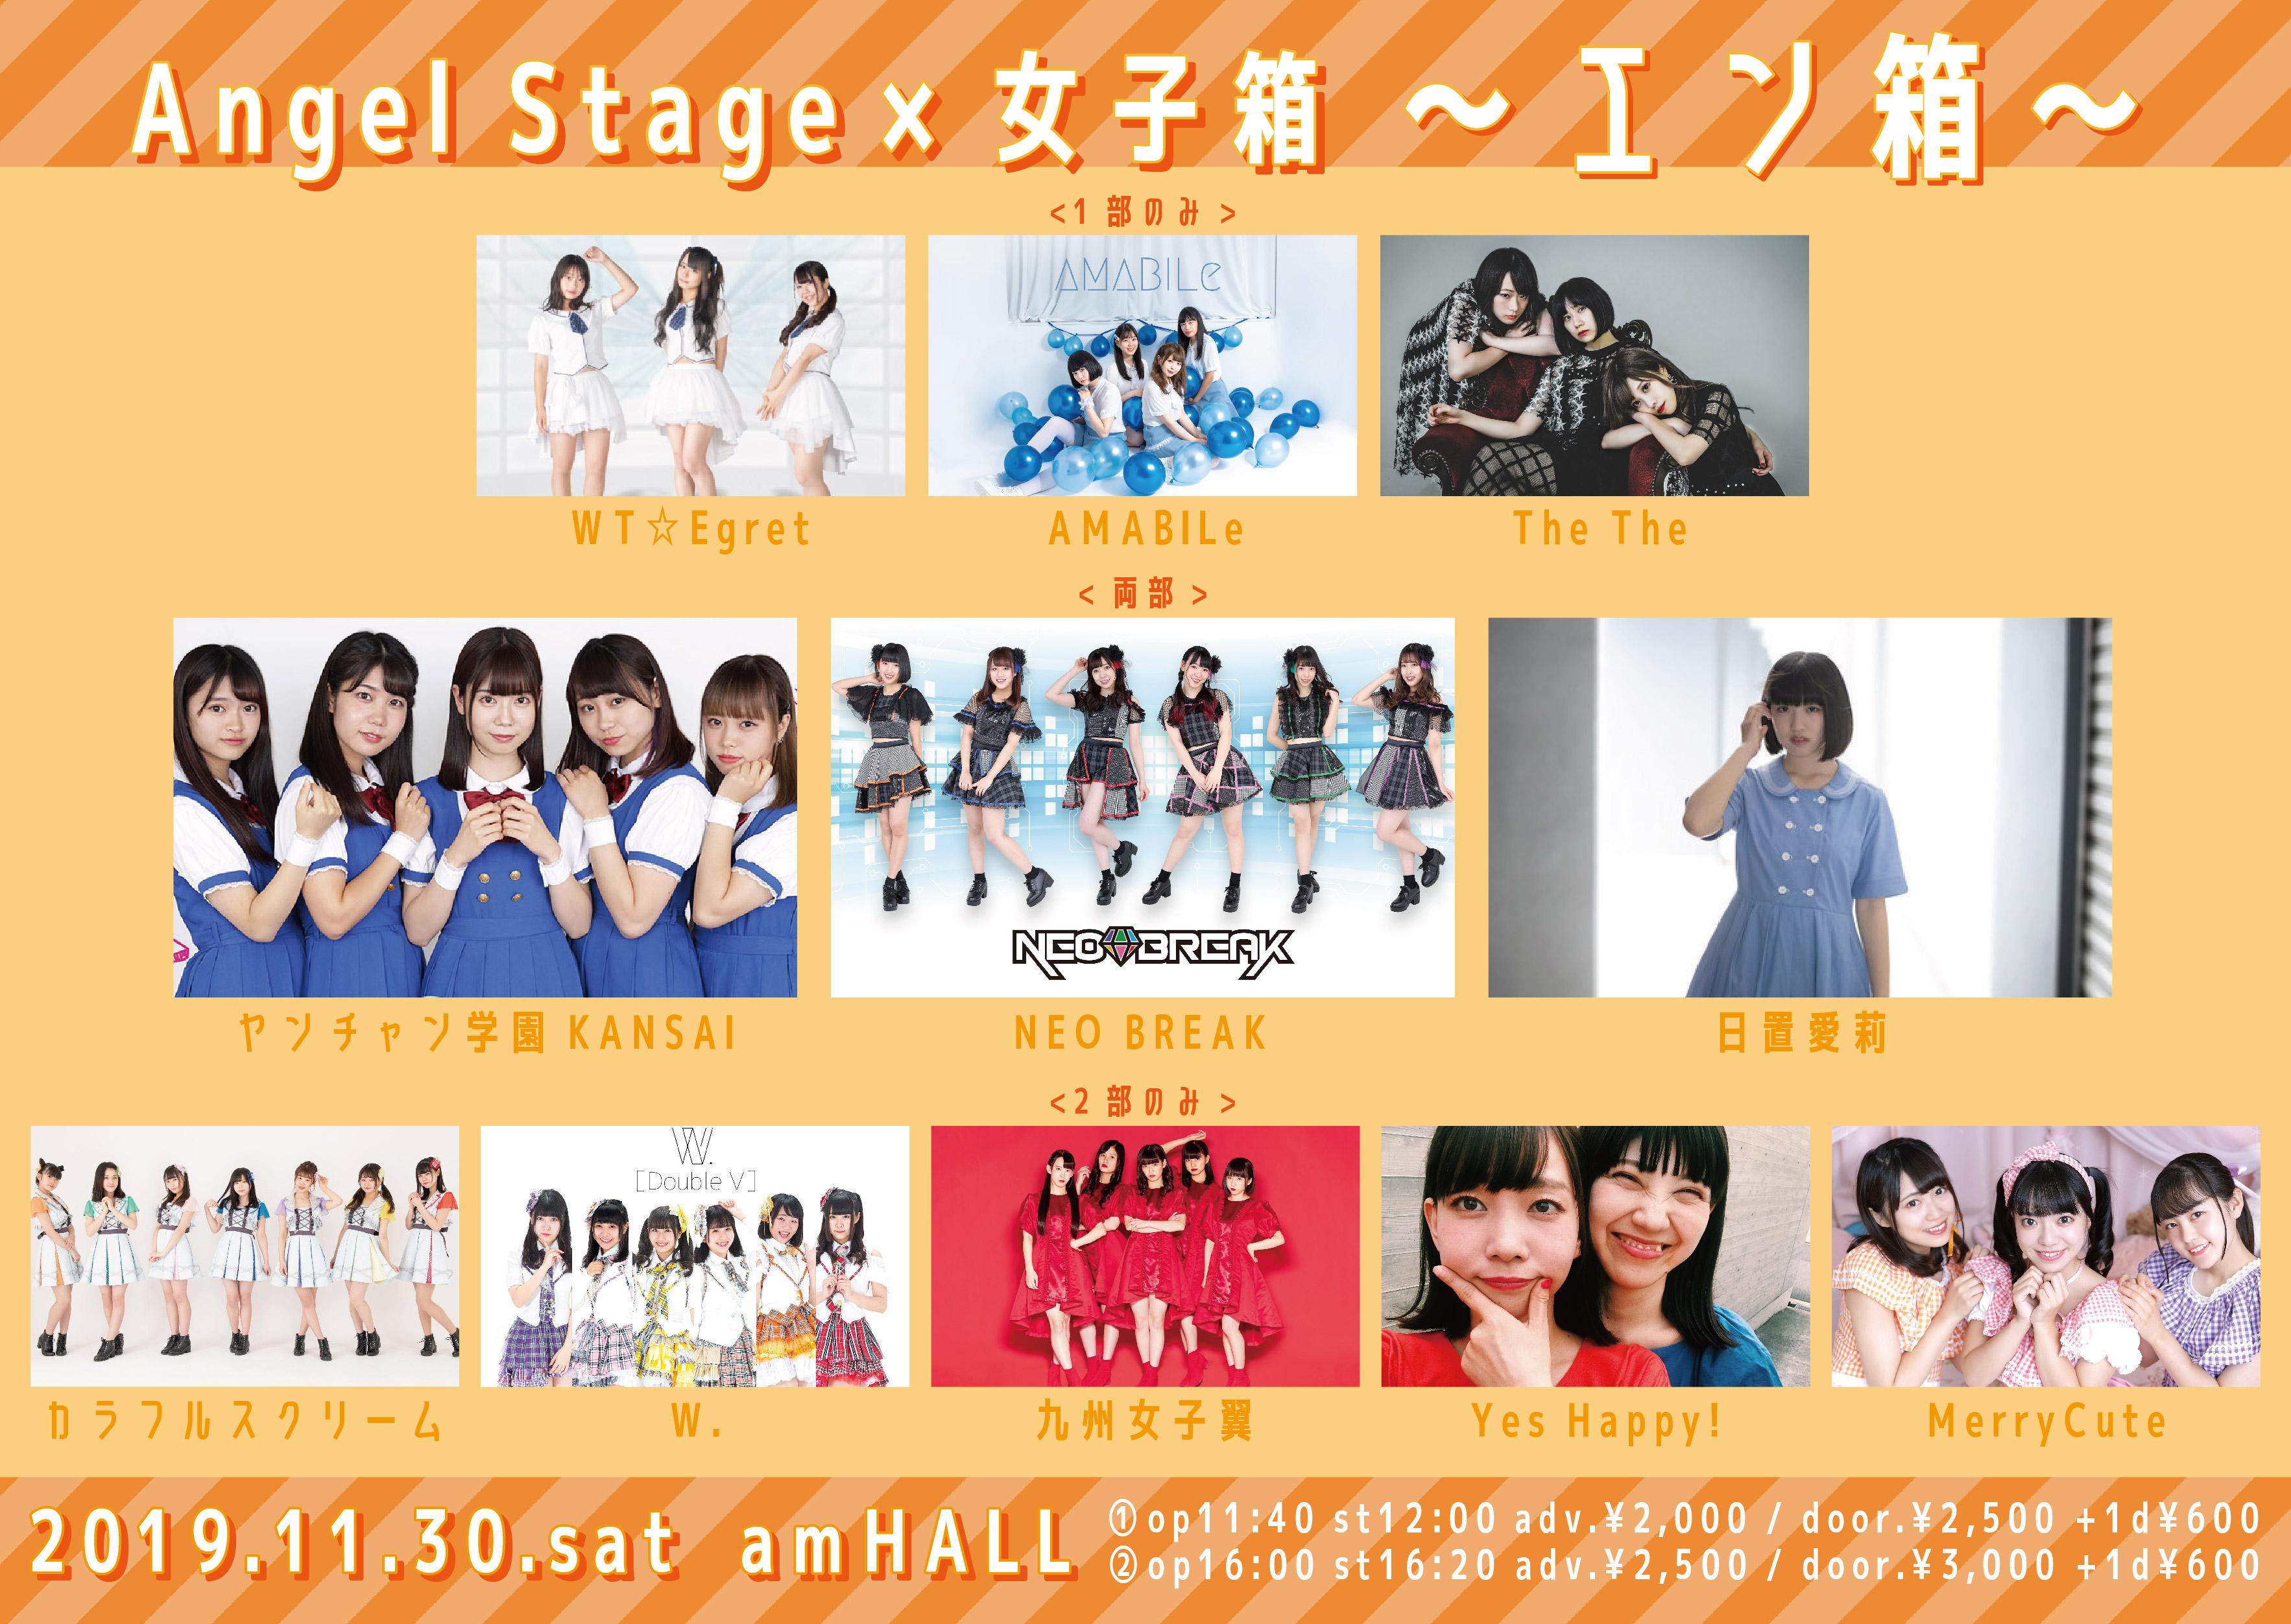 【1部】Angel Stage × 女子箱 〜エン箱〜